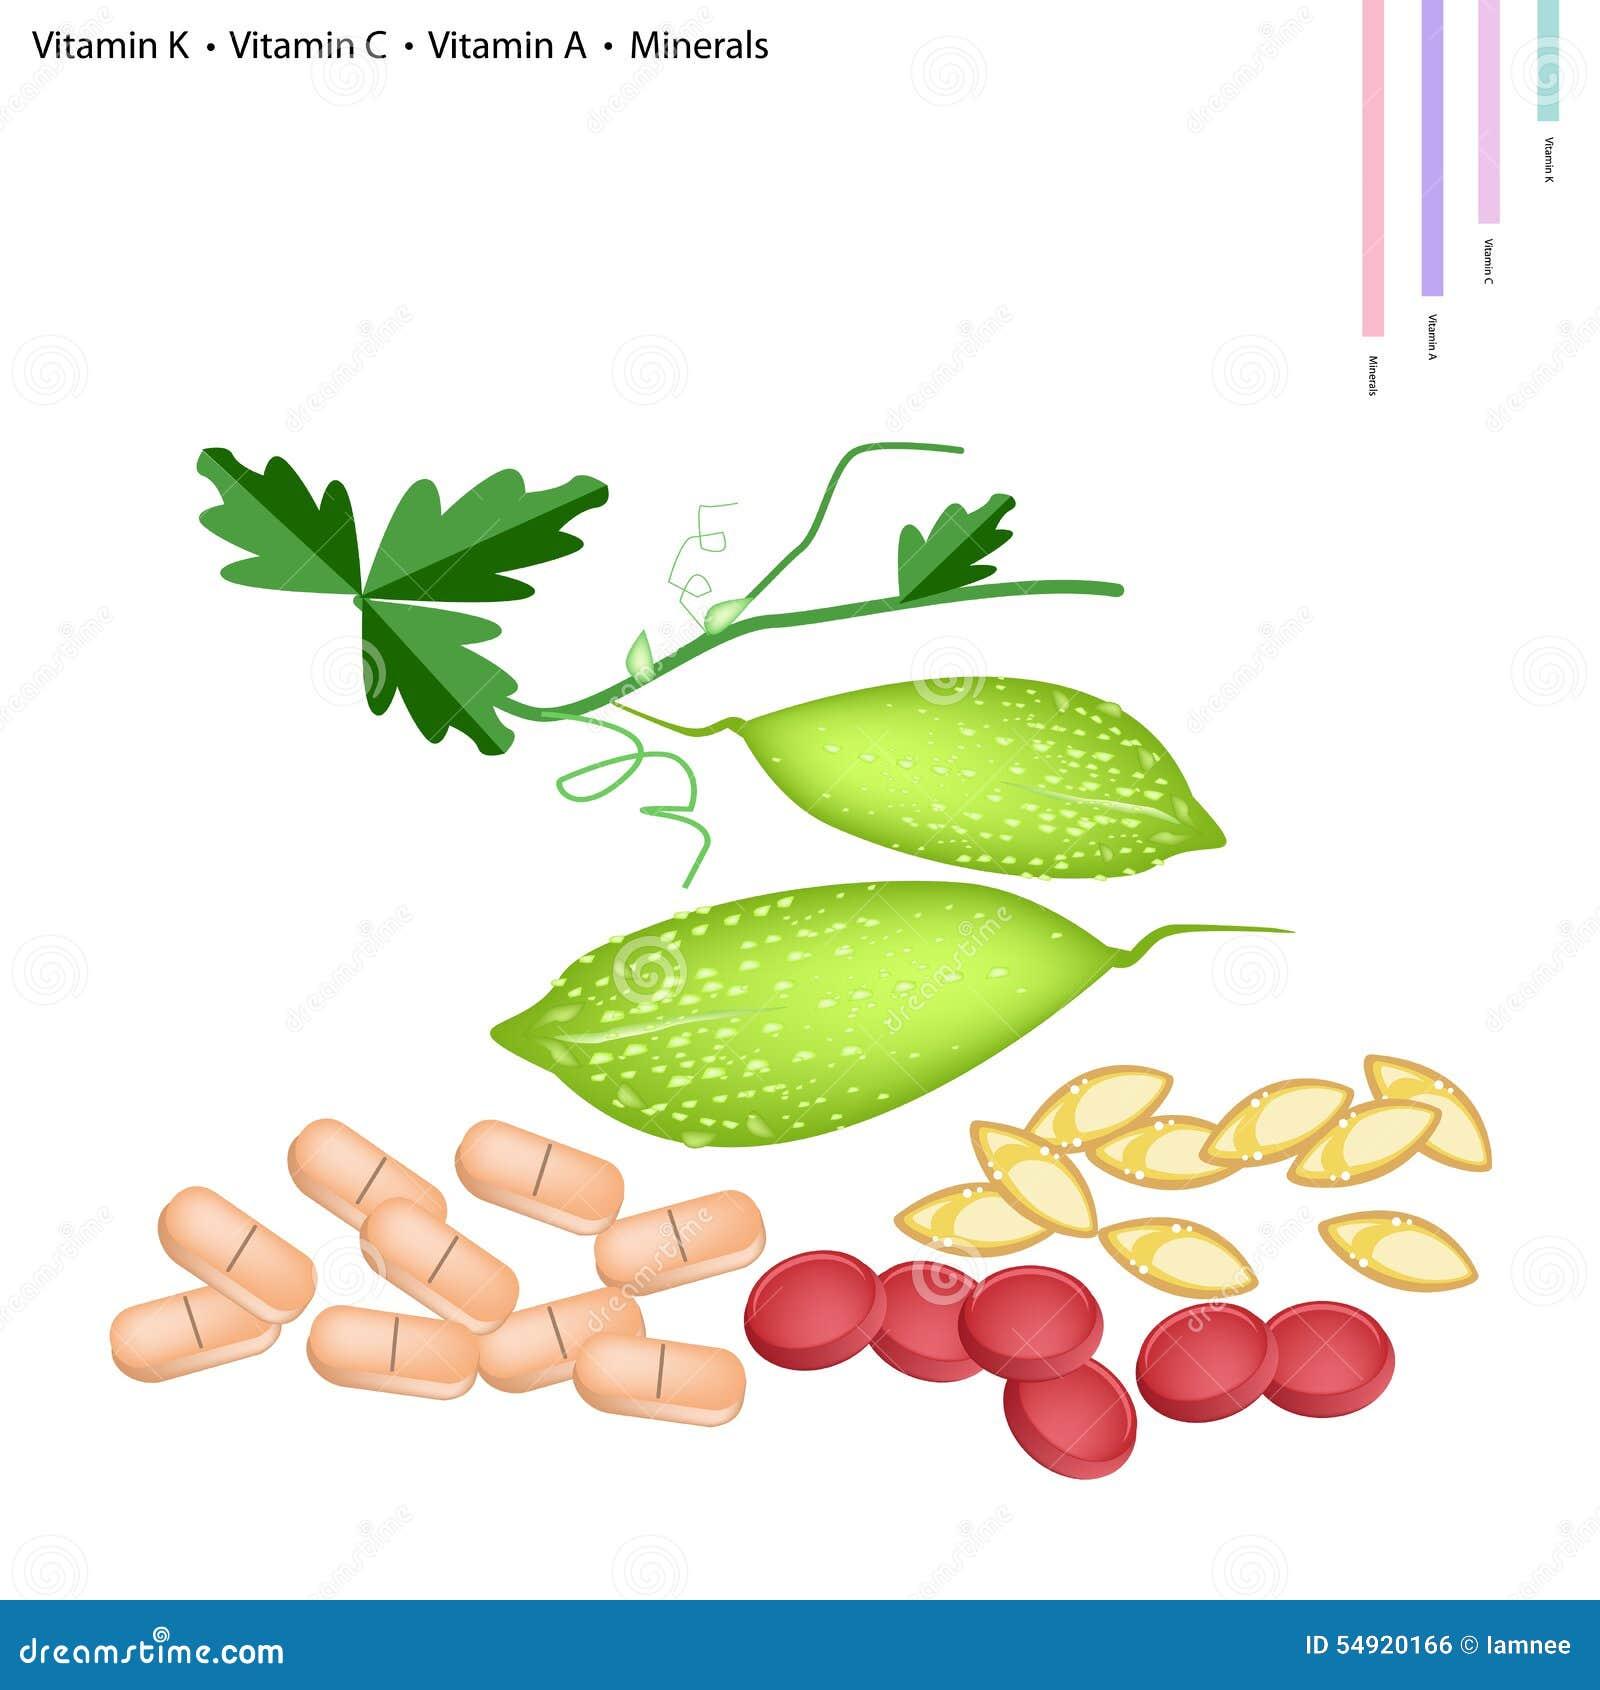 Momordique avec la vitamine K, C, A et minerais